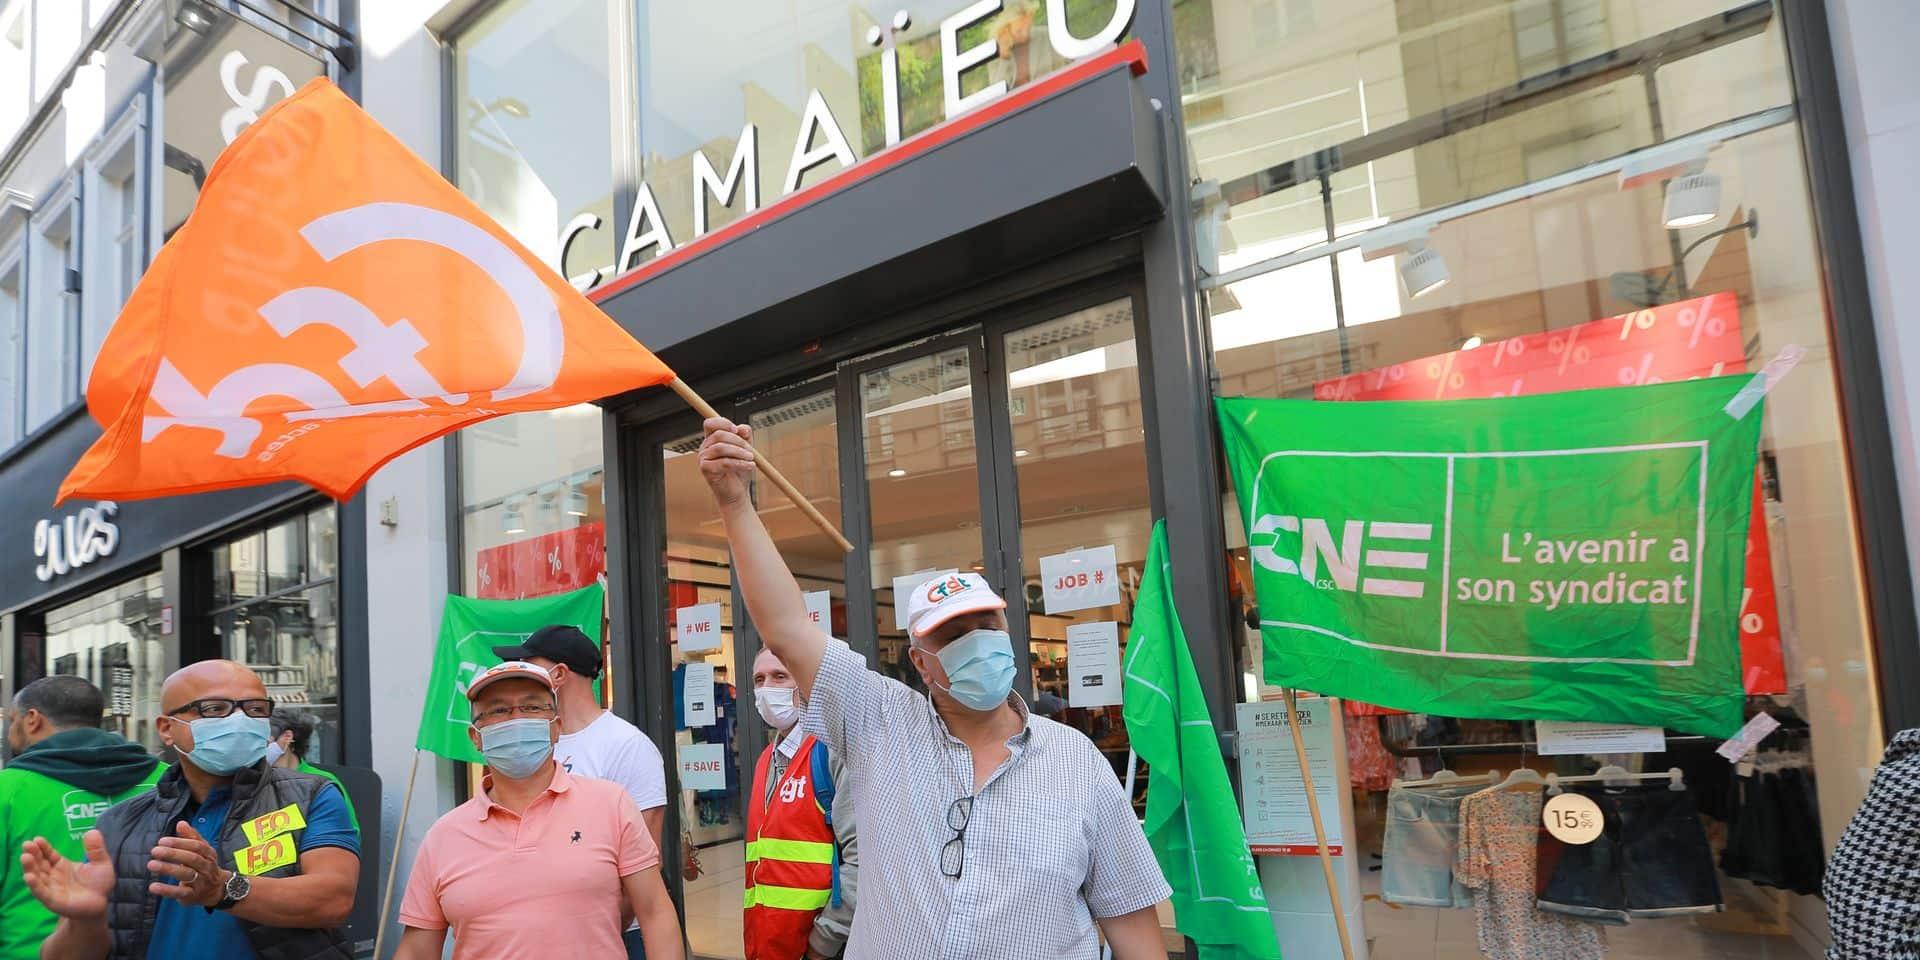 Les syndicats belges, français et luxembourgeois avaient manifesté devant le siège social de Camaïeu Belgique à Bruxelles le 13 juillet